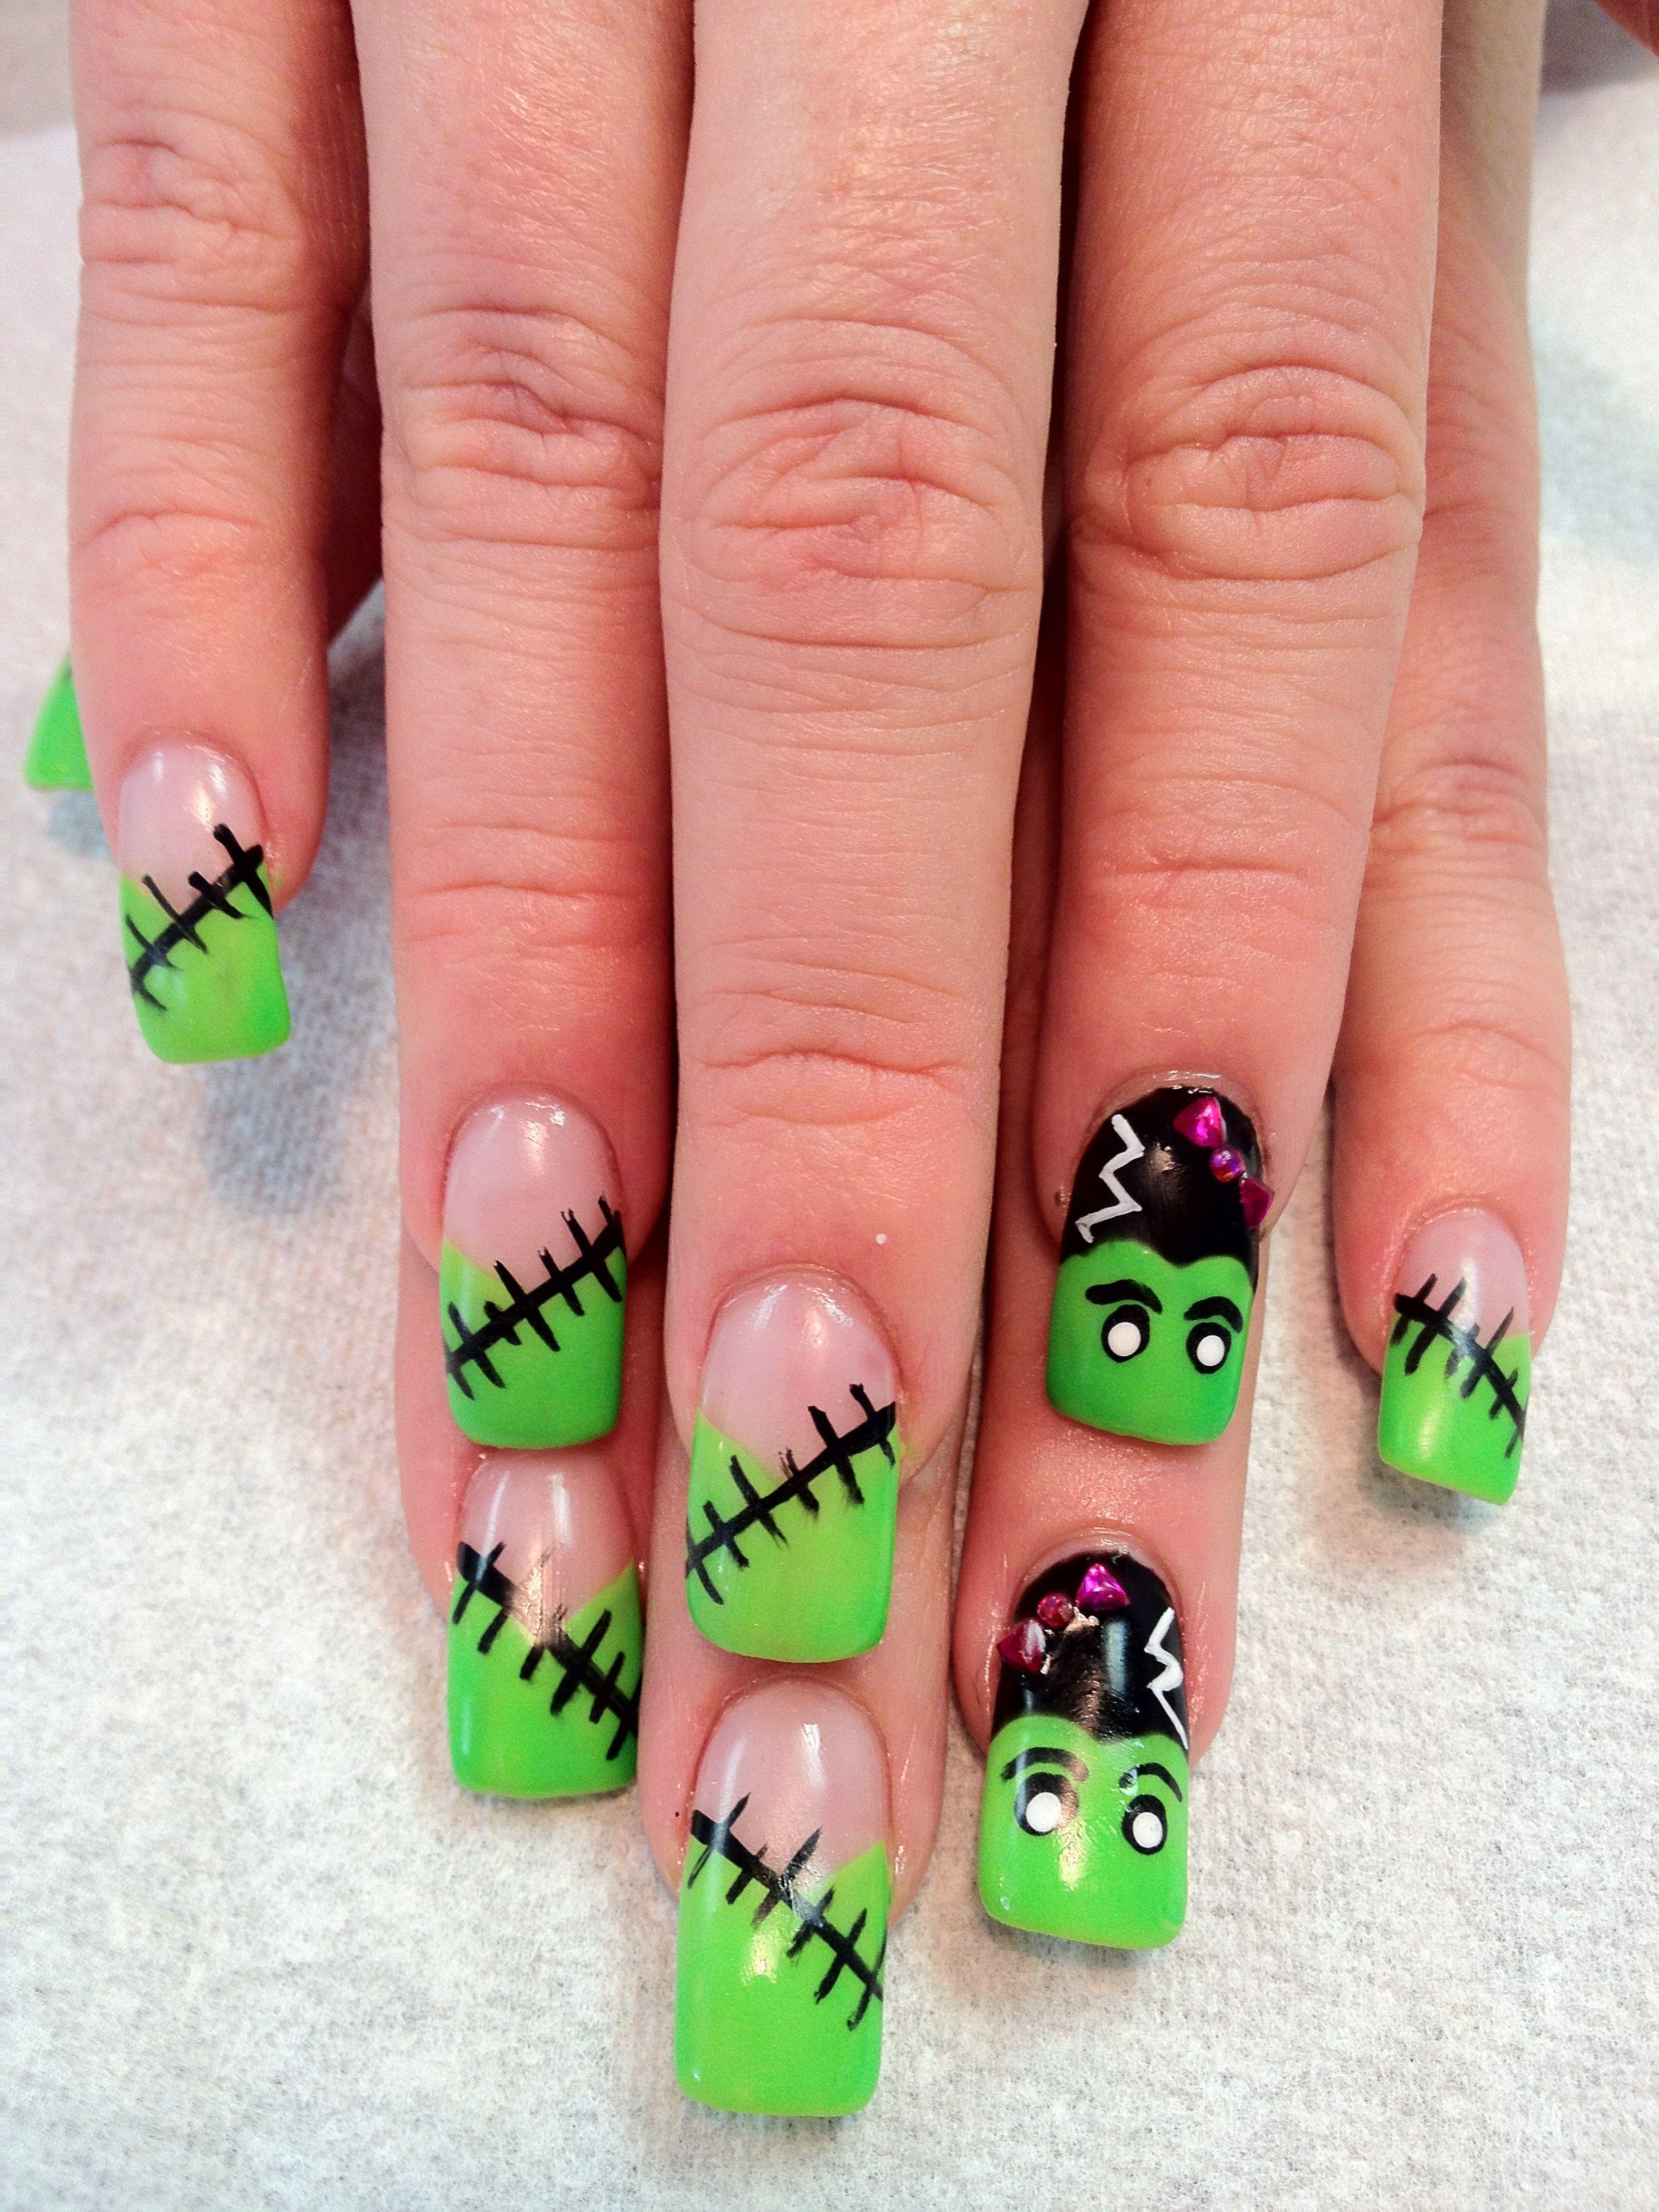 Gelish Halloween Frankenstein nails | Nails | Pinterest | Gelish ...